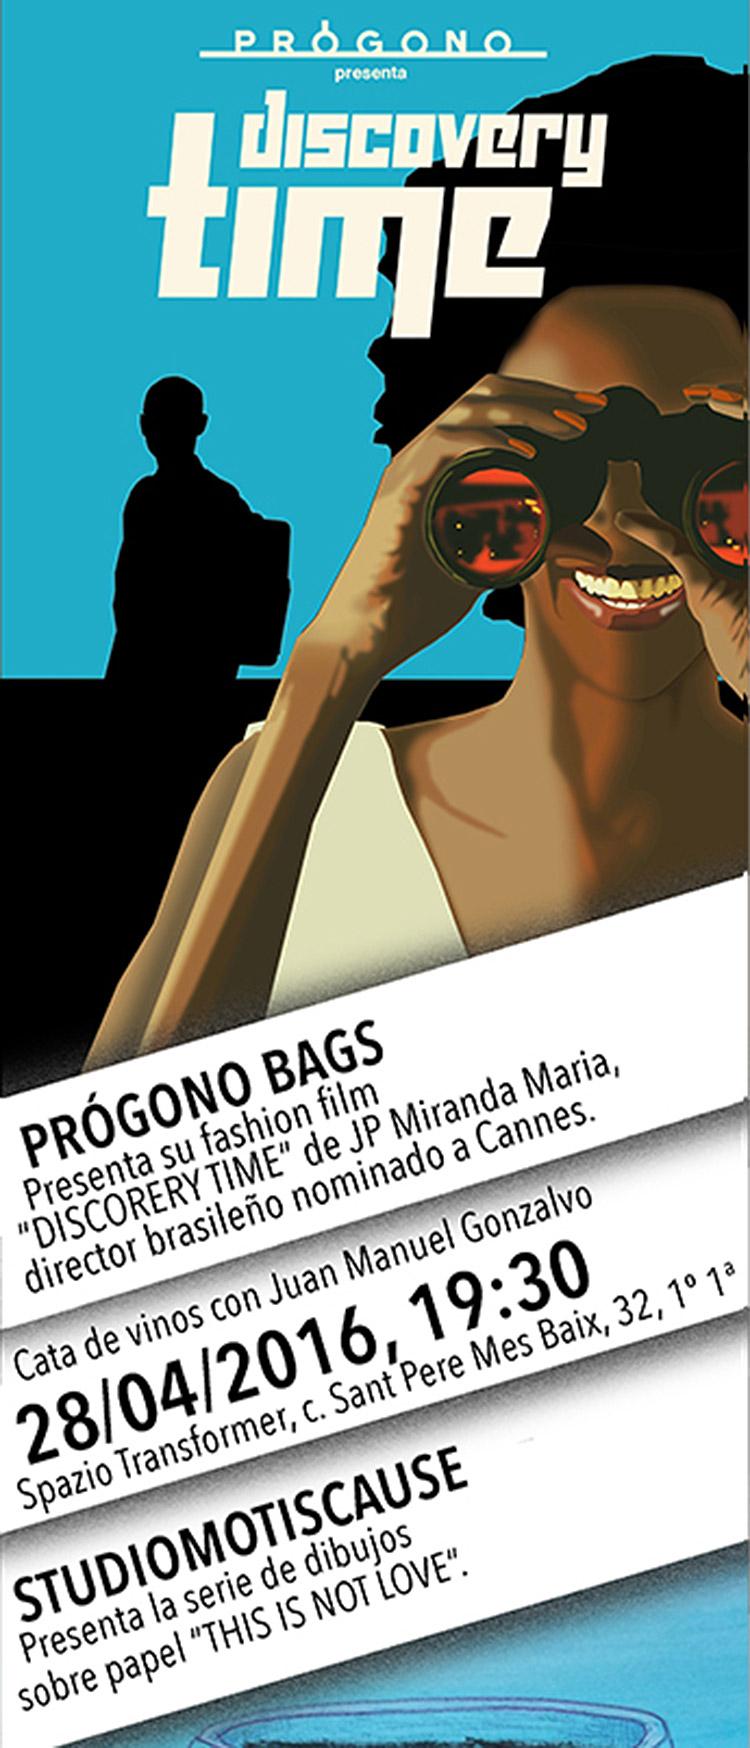 """Prógono presenta """"Discovery Time"""""""